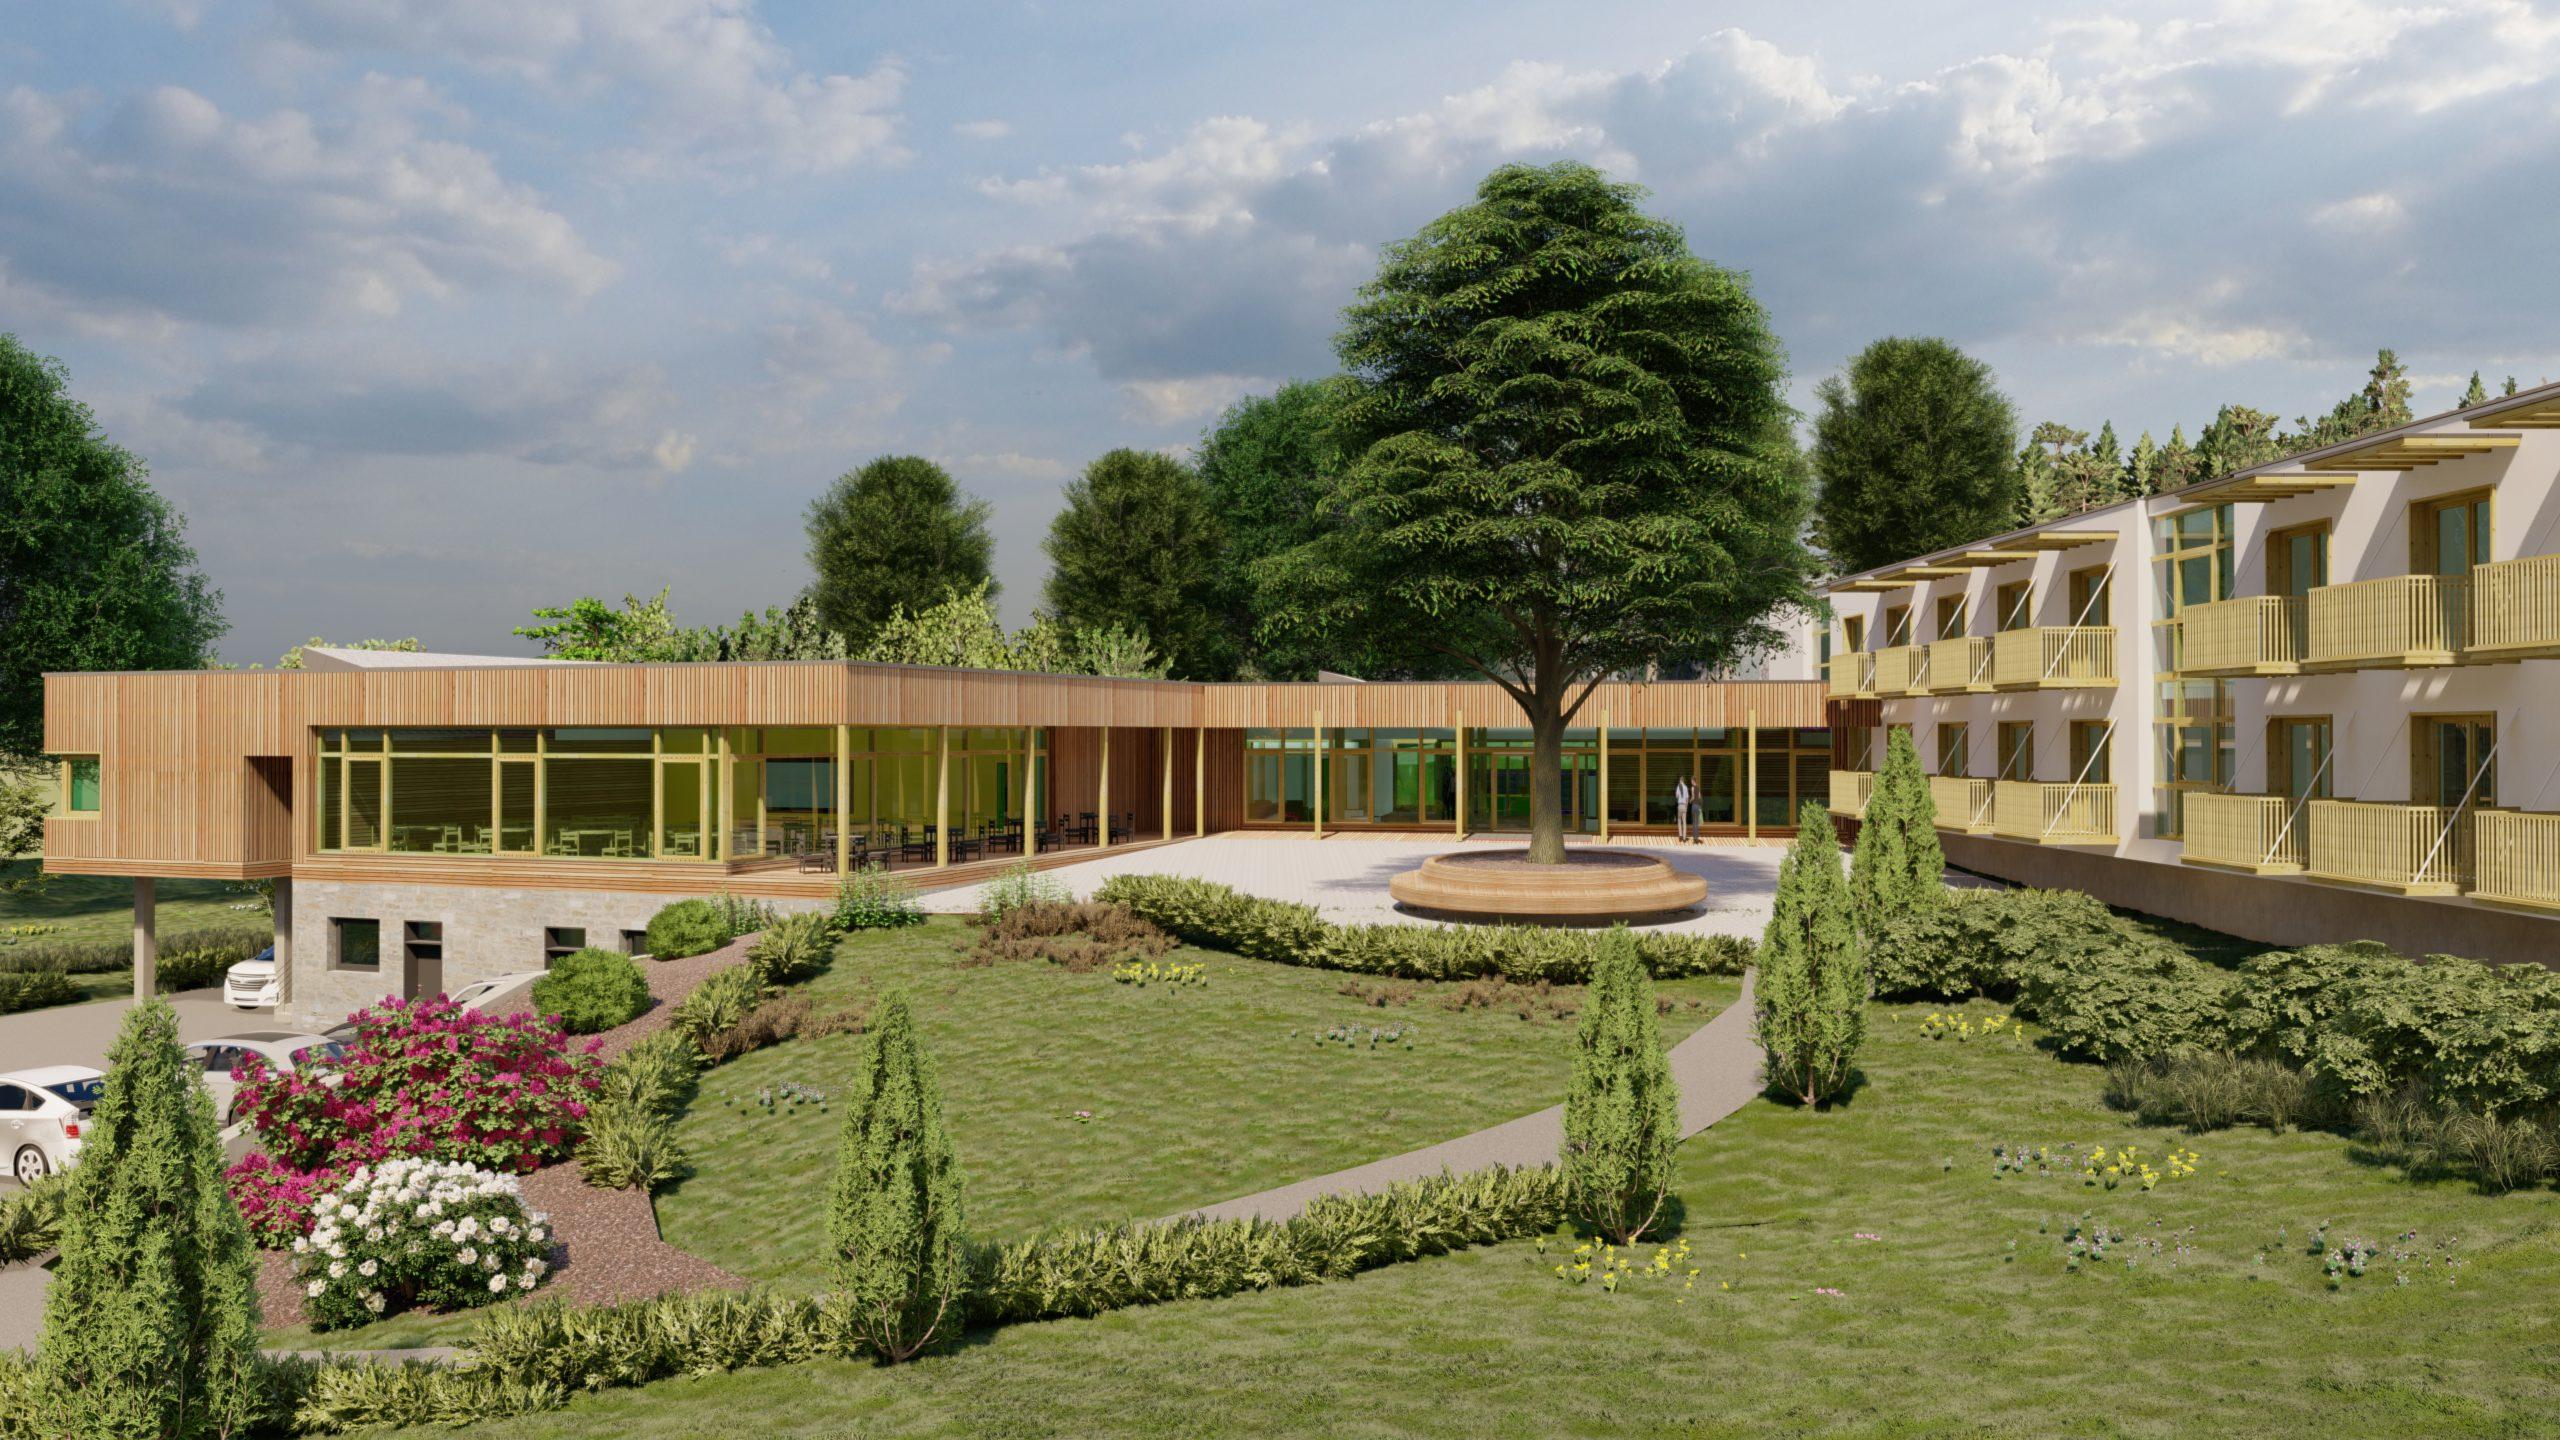 Pflegeheim mit Blick in den Garten